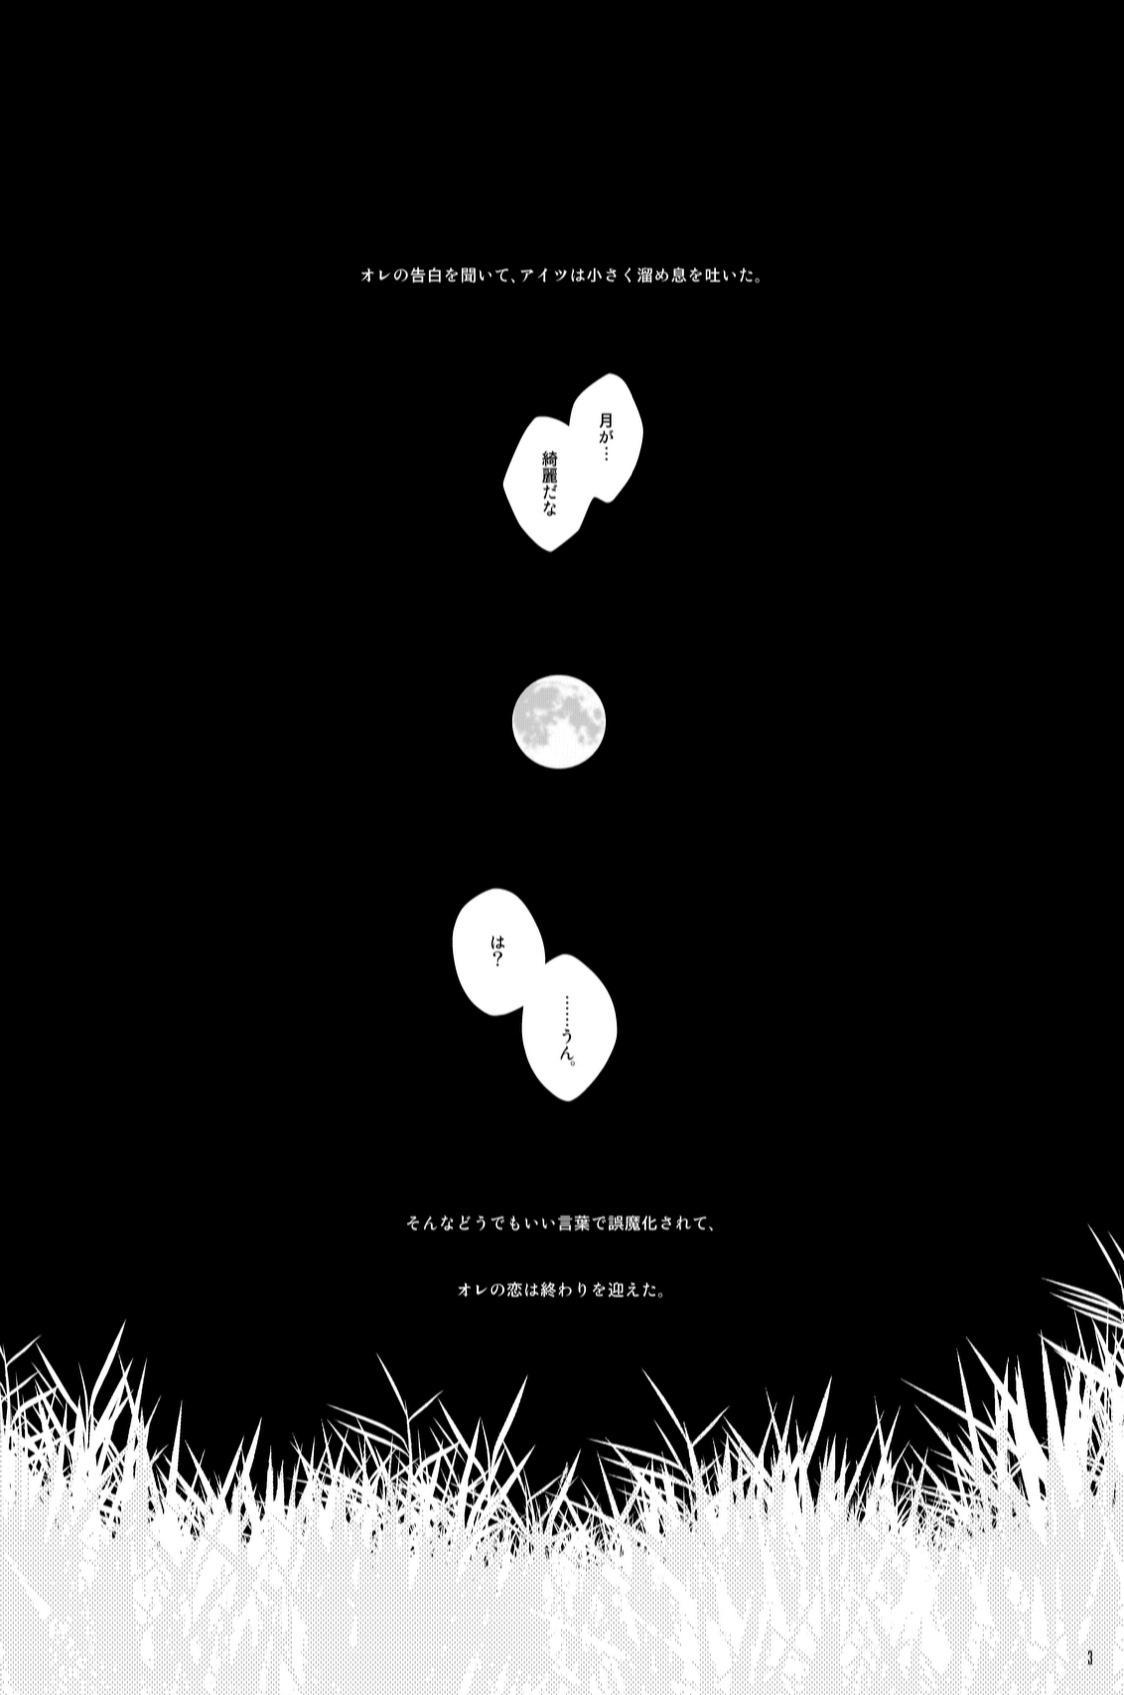 STRAWBERRY-FIELDS 1